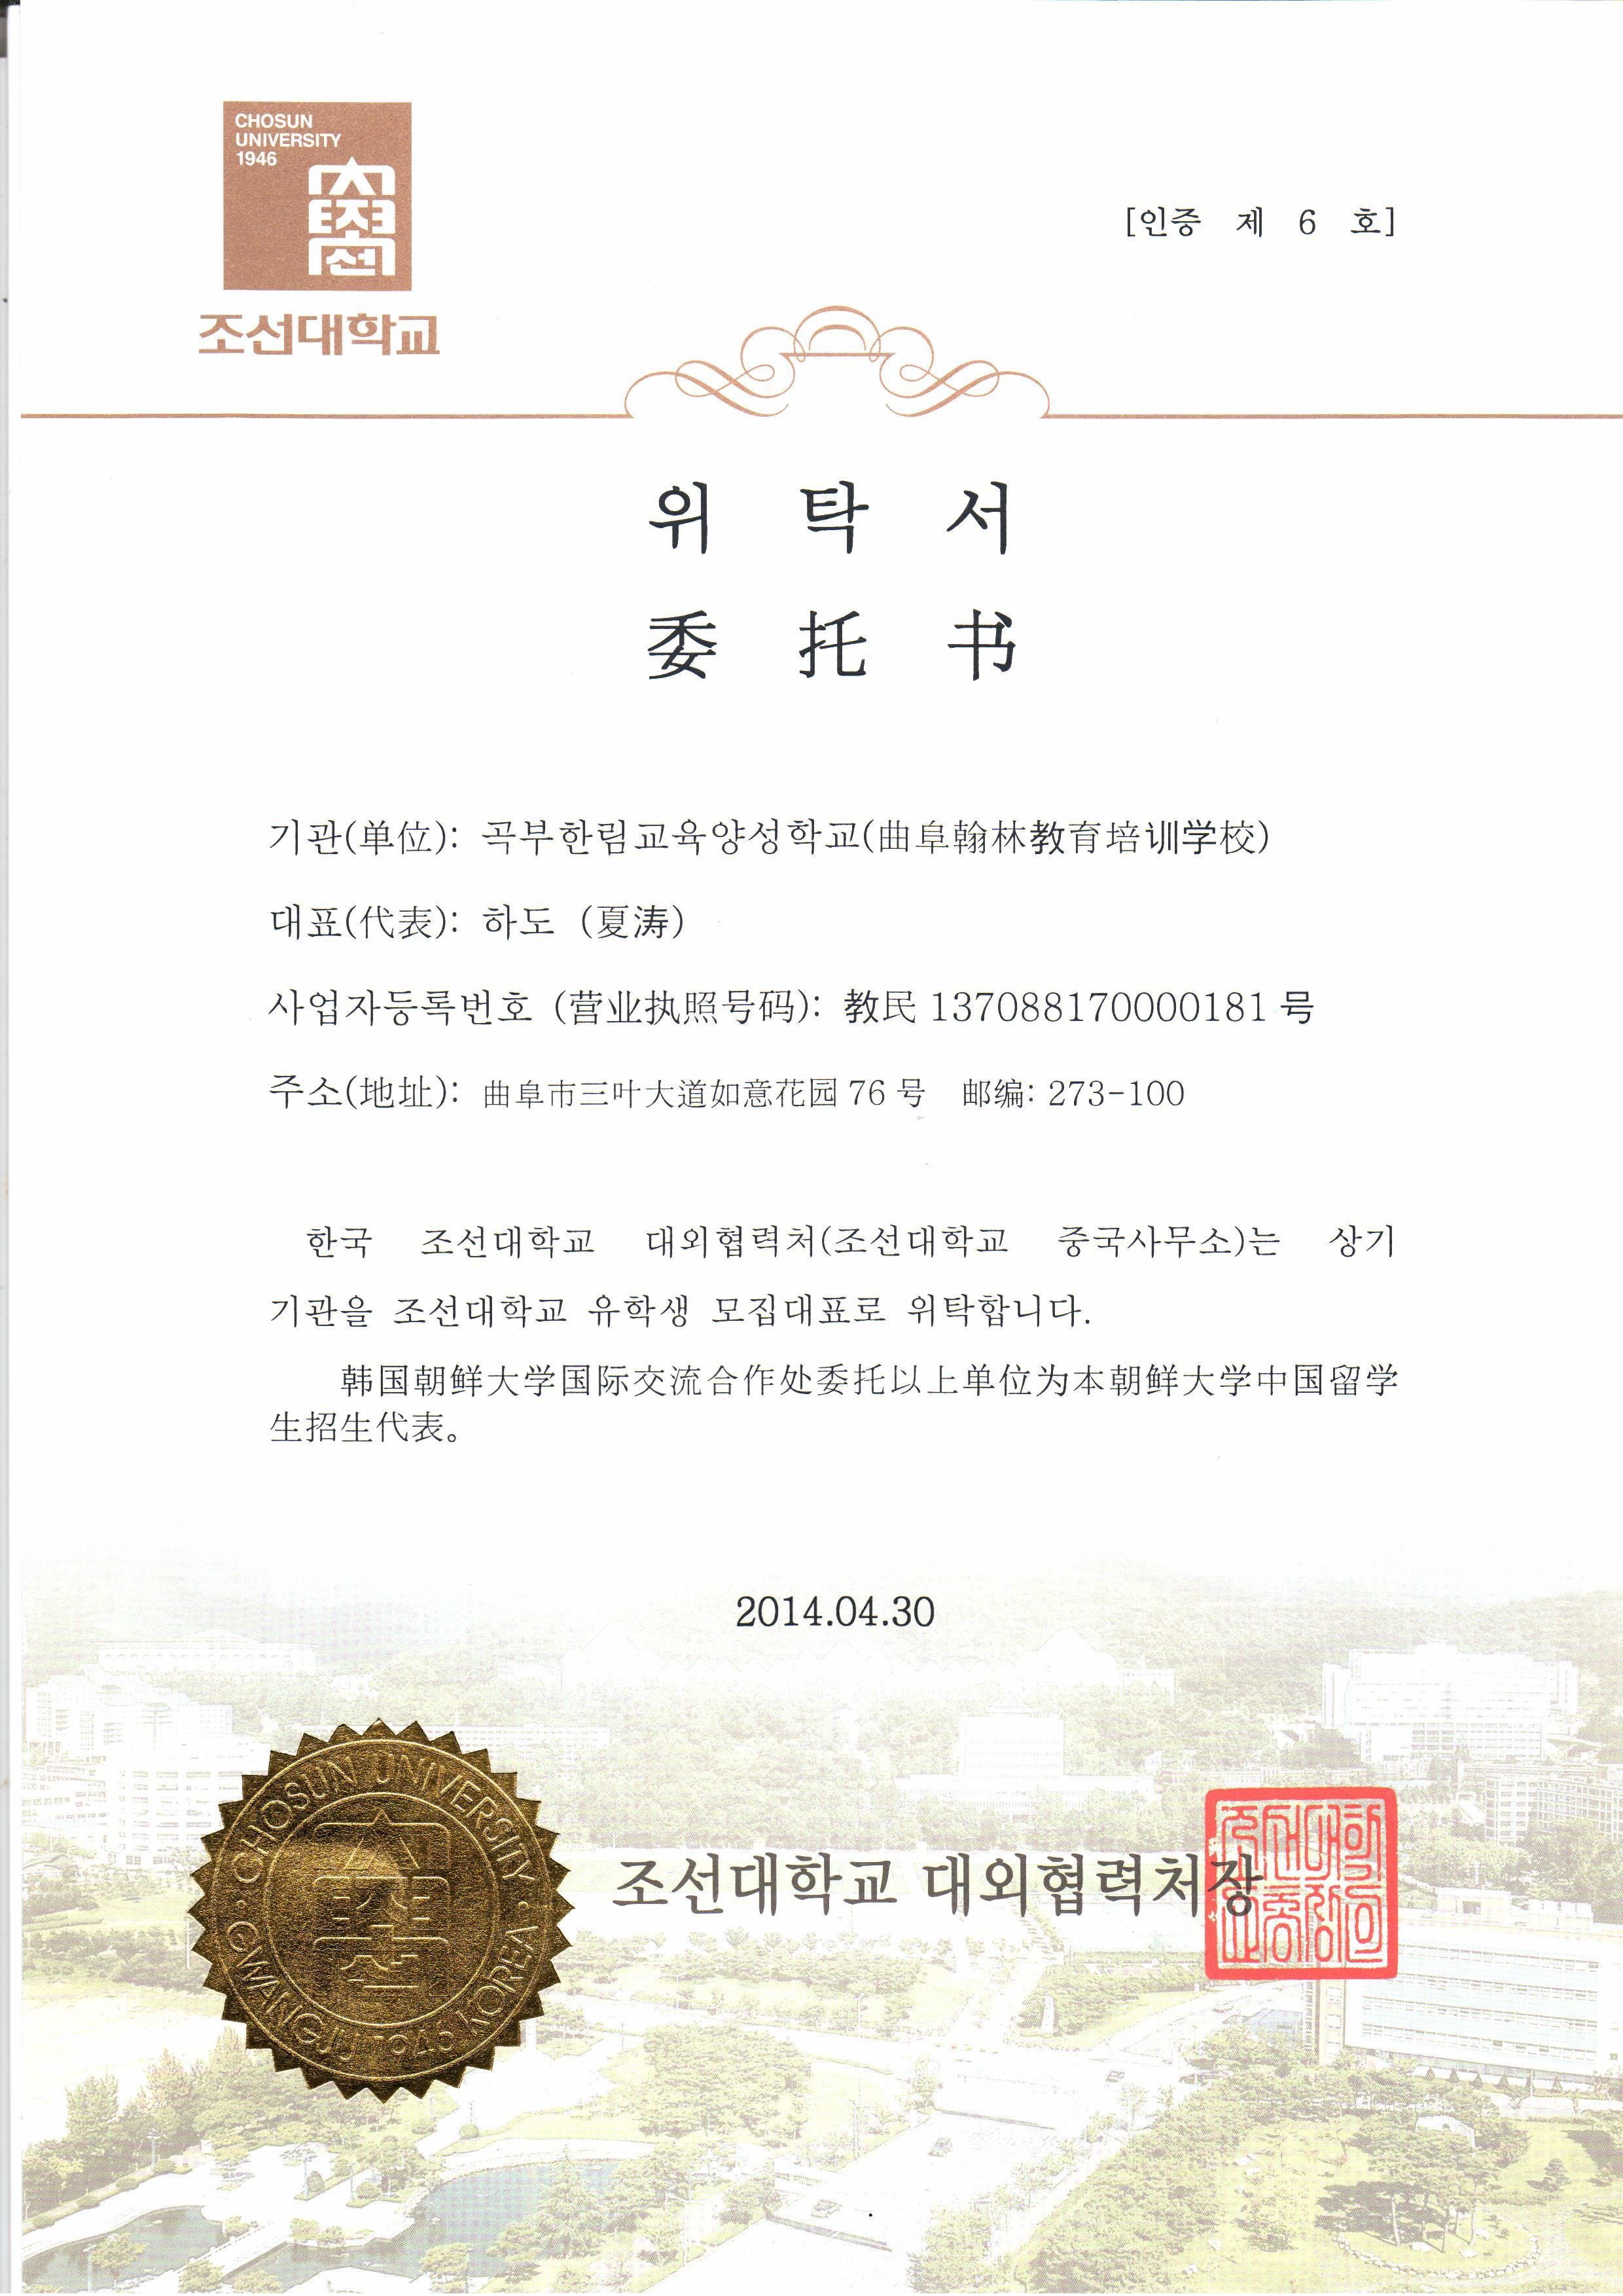 韩国朝鲜大学招生授权书.jpg